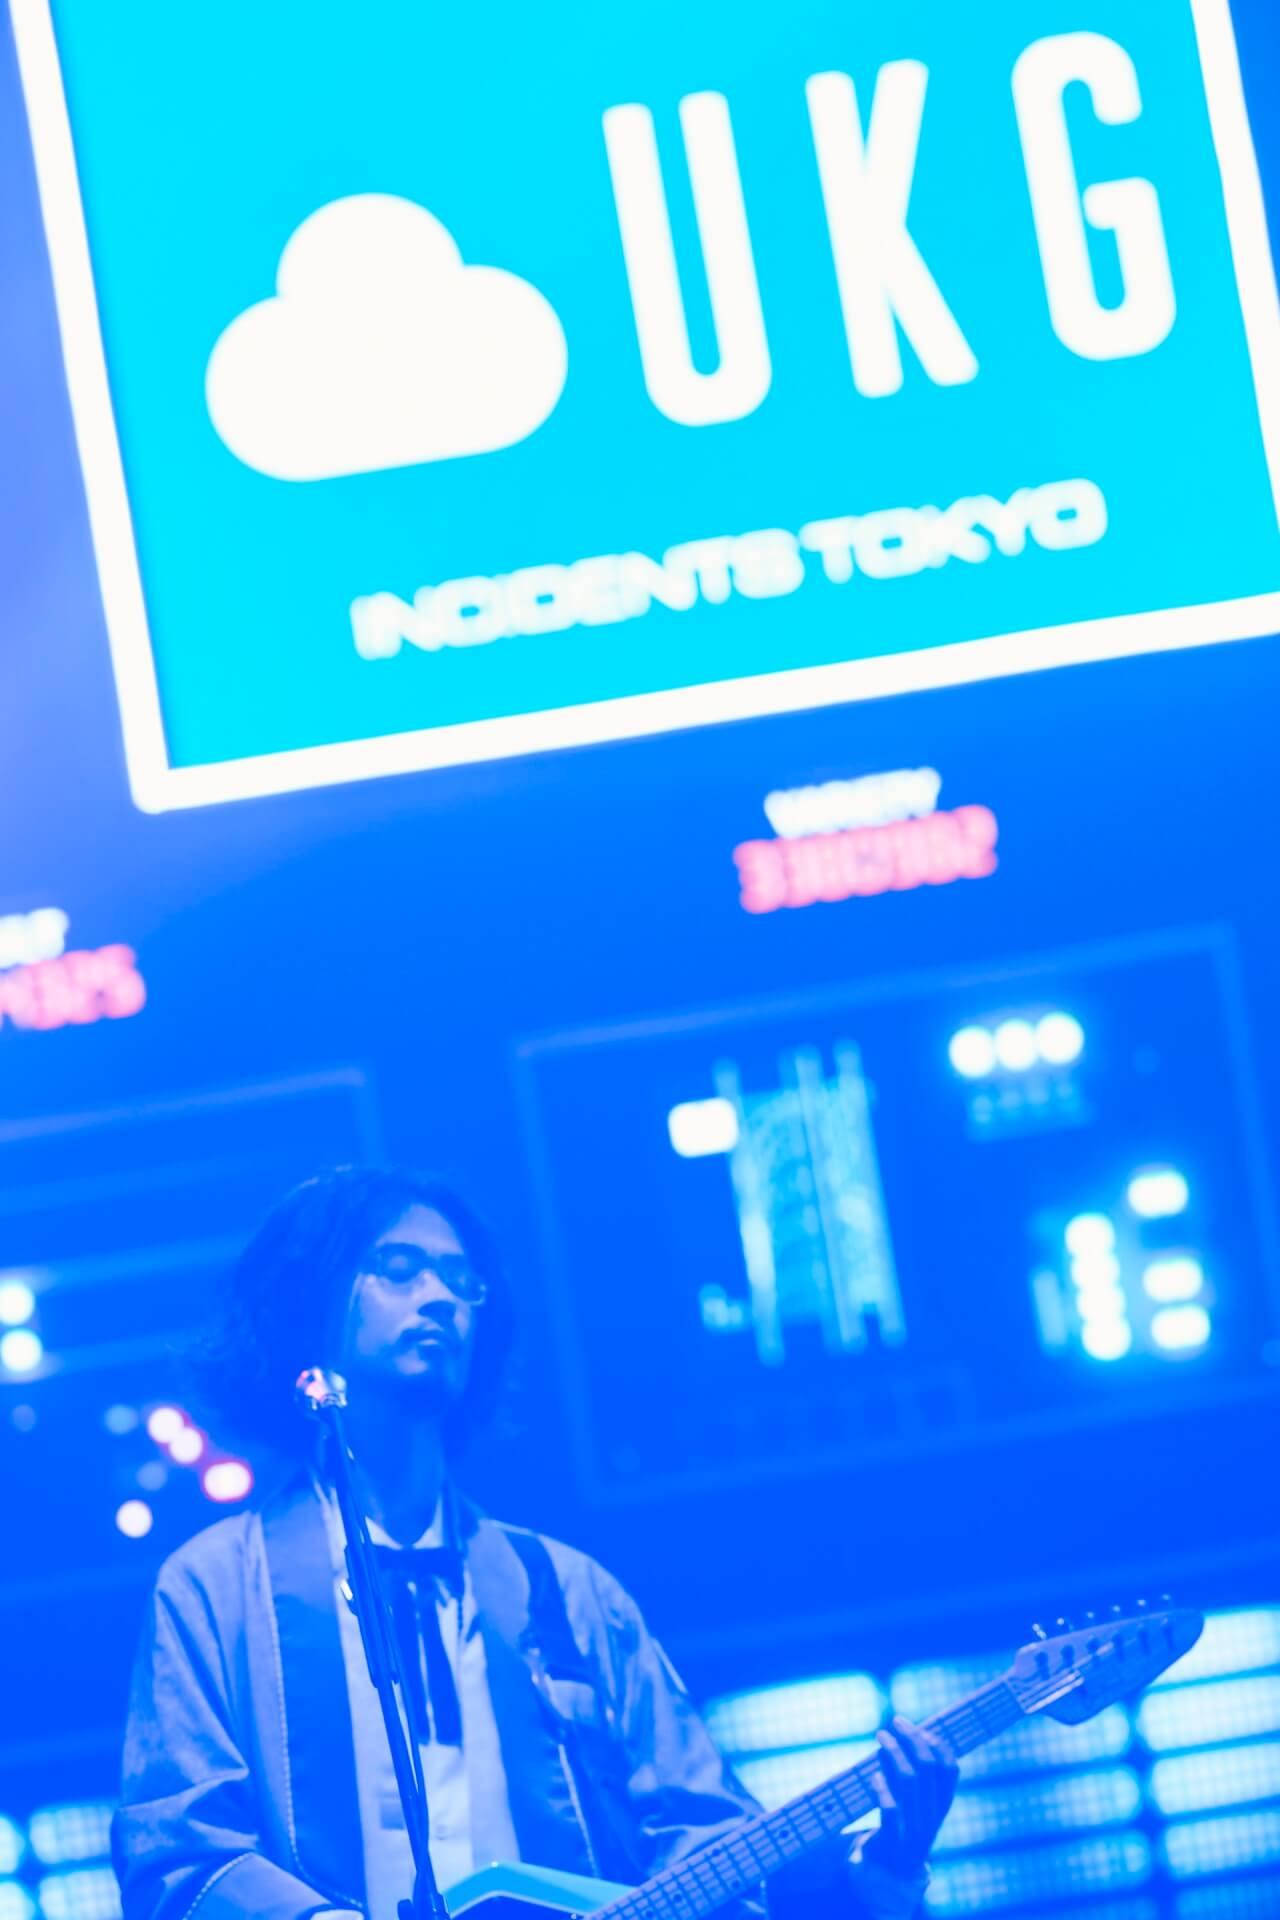 東京事変特設サイト「ニュースフラッシュ」にて、配信&映画館上映ライブのレポートが公開!椎名林檎の「衣裳ト書き」も解禁 music200916_tokyoincident_13